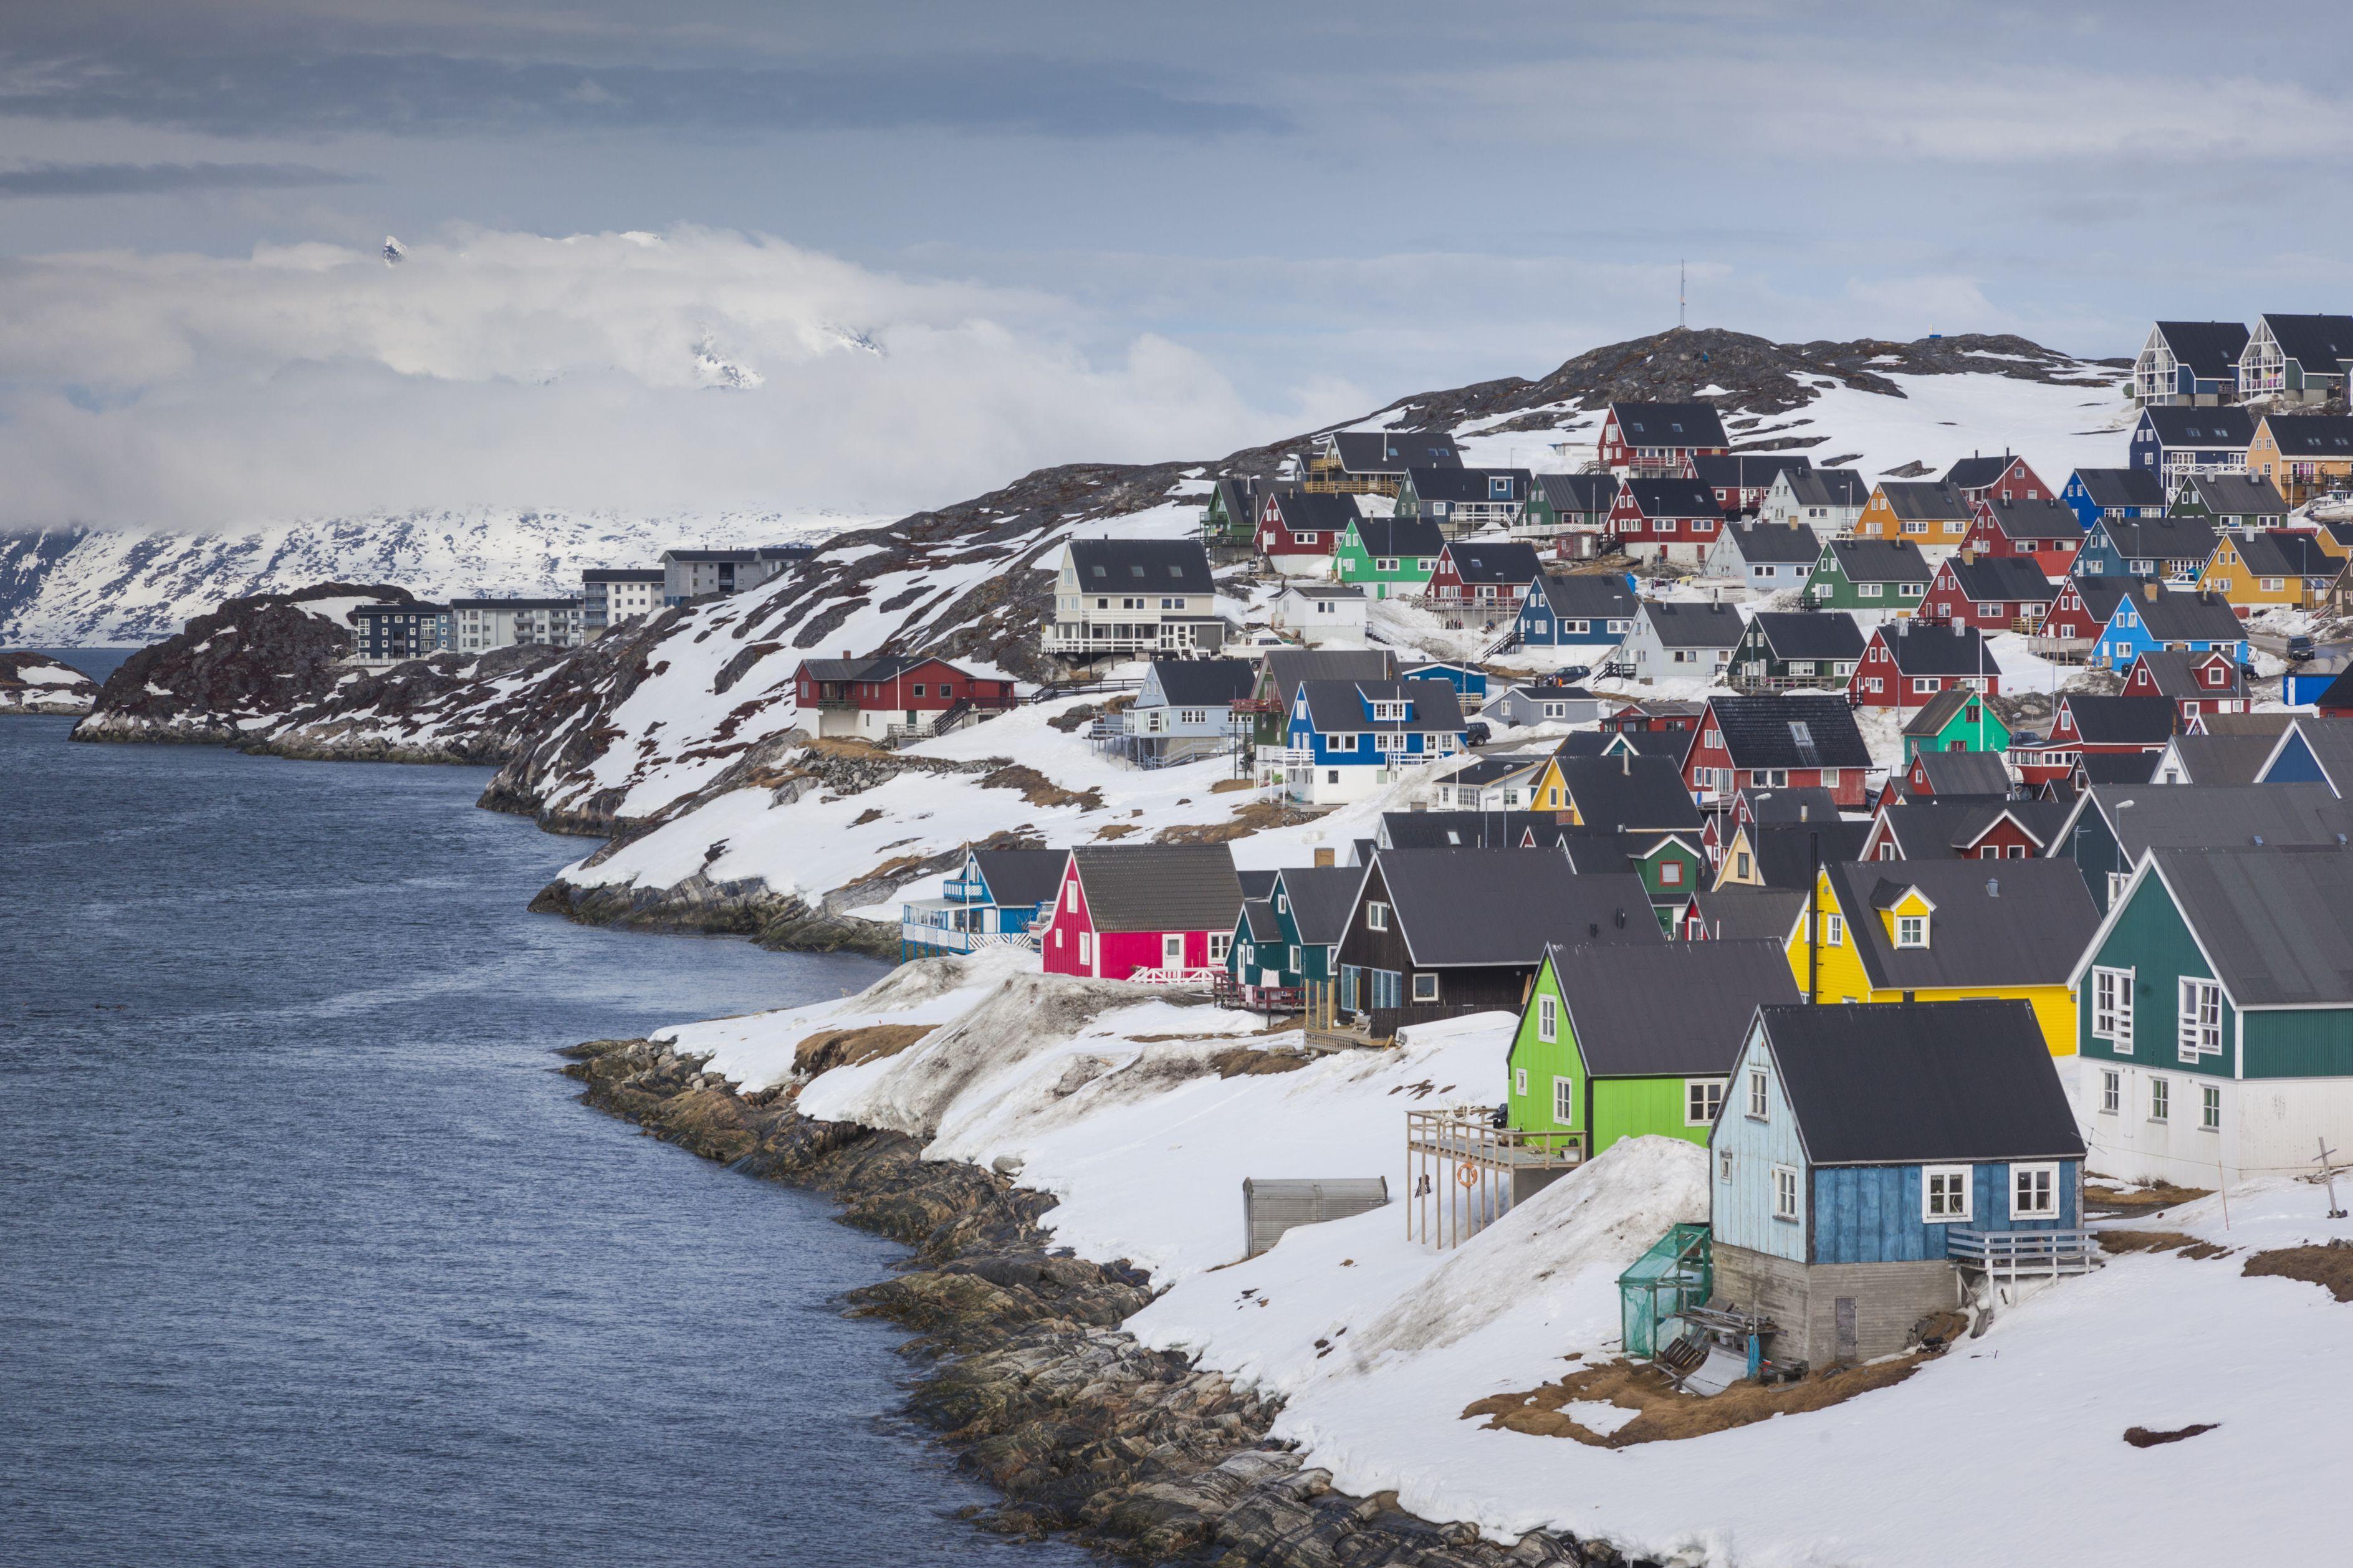 Grönland fővárosában alkoholtilalmat vezetnek be a családon belüli erőszak csökkentése érdekében